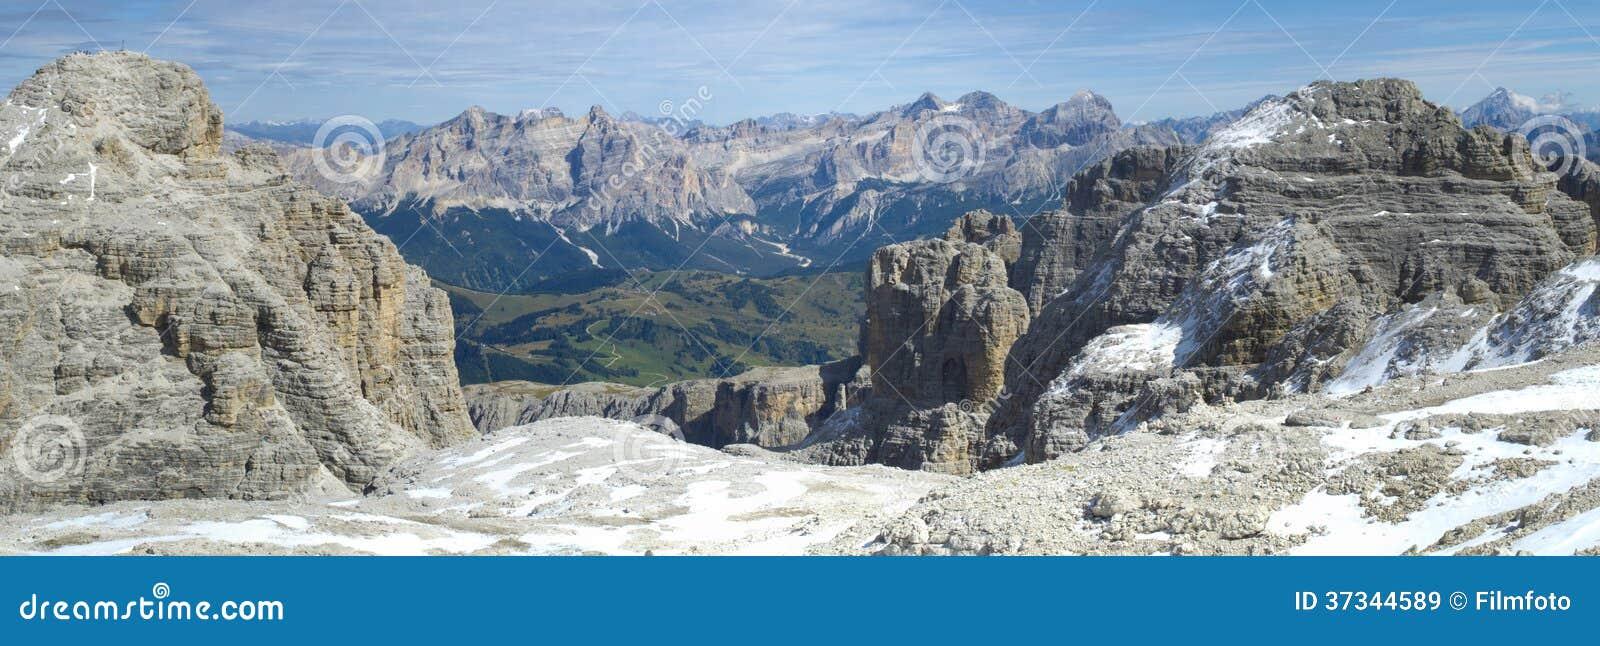 Panorama van het dolomiet van alpen